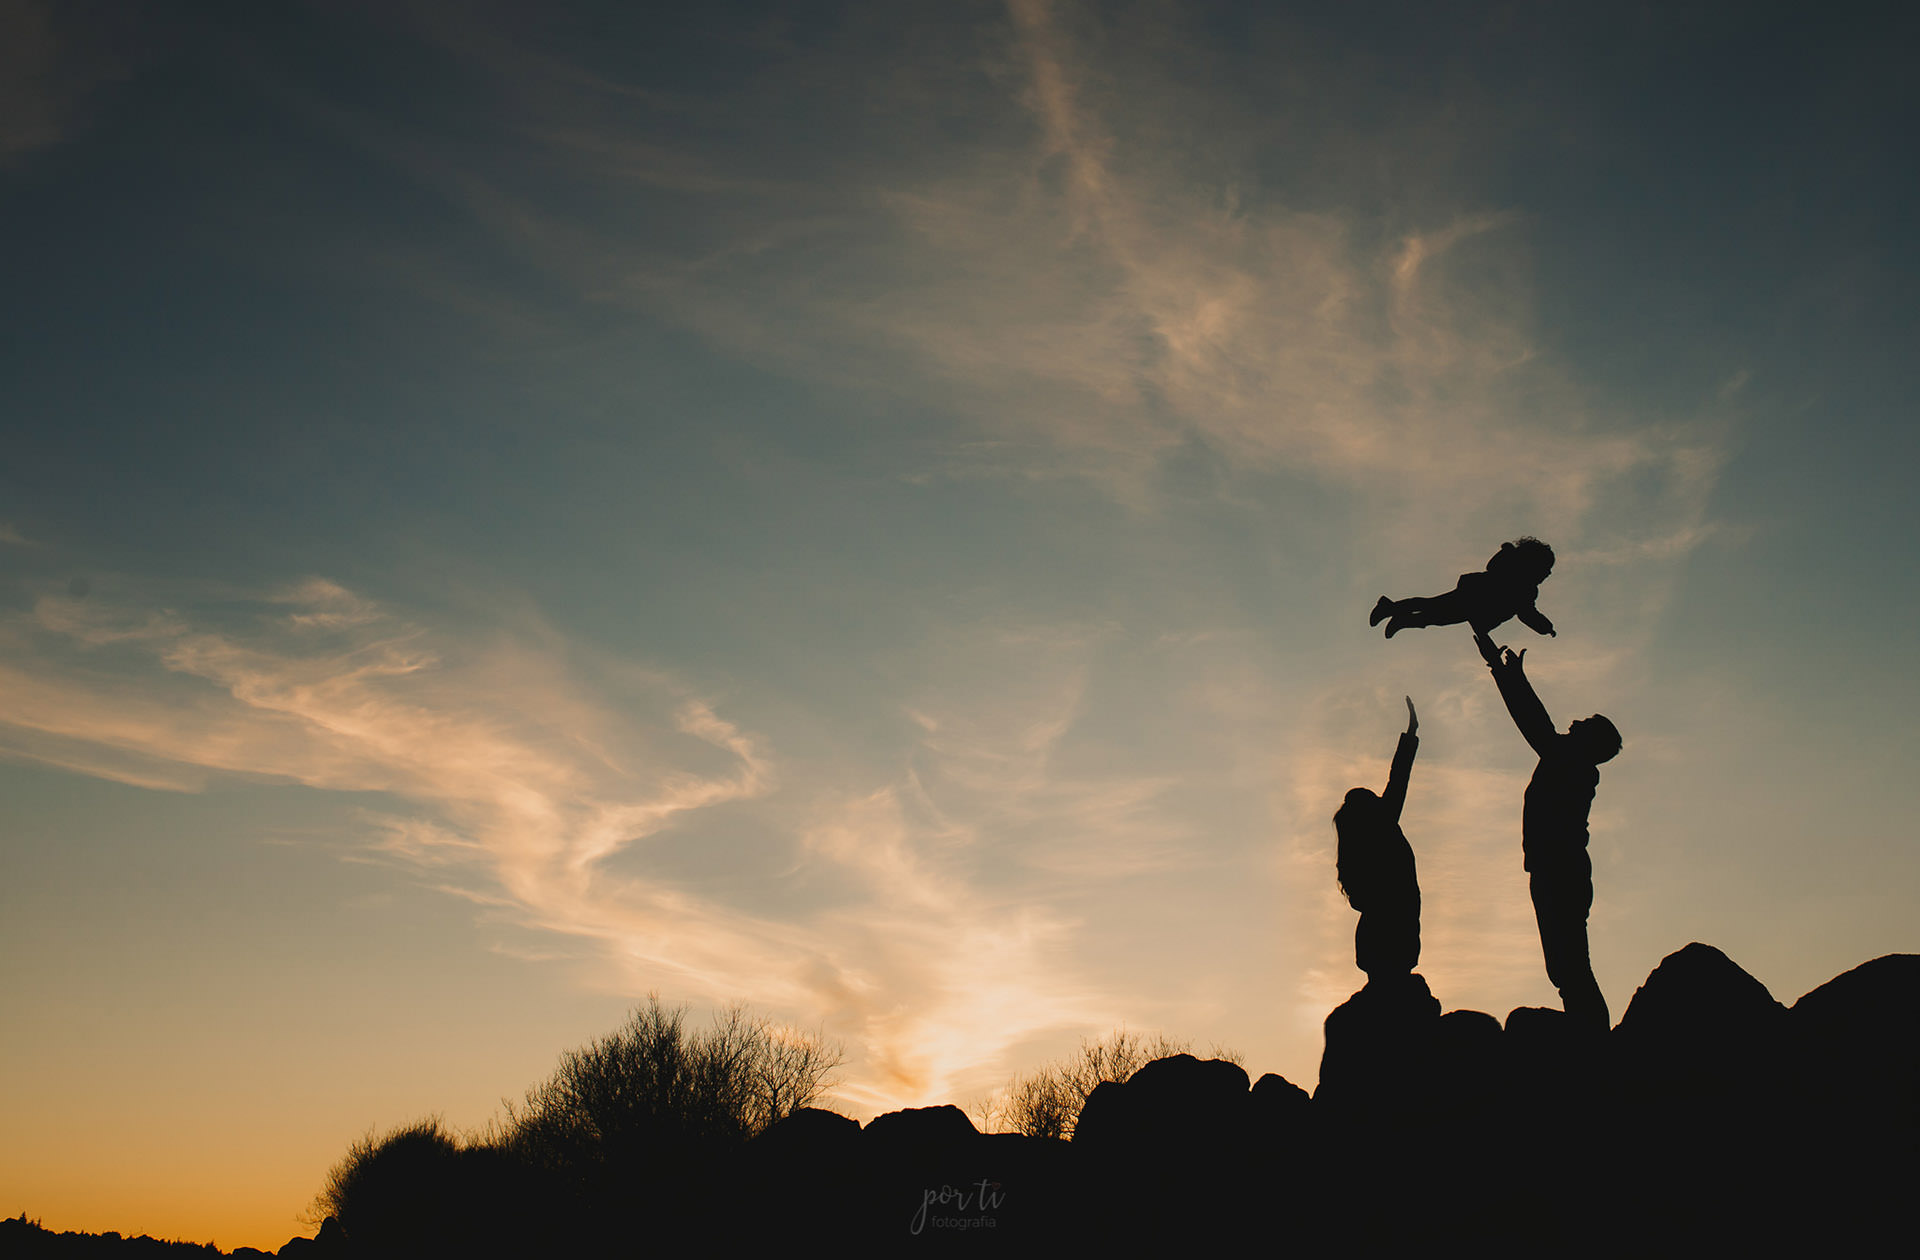 Sesión fotográfica de familia en la sierra de Guadarrama. Fotógrafo de familias en los Molinos. Sesión de fotos al atardecer.